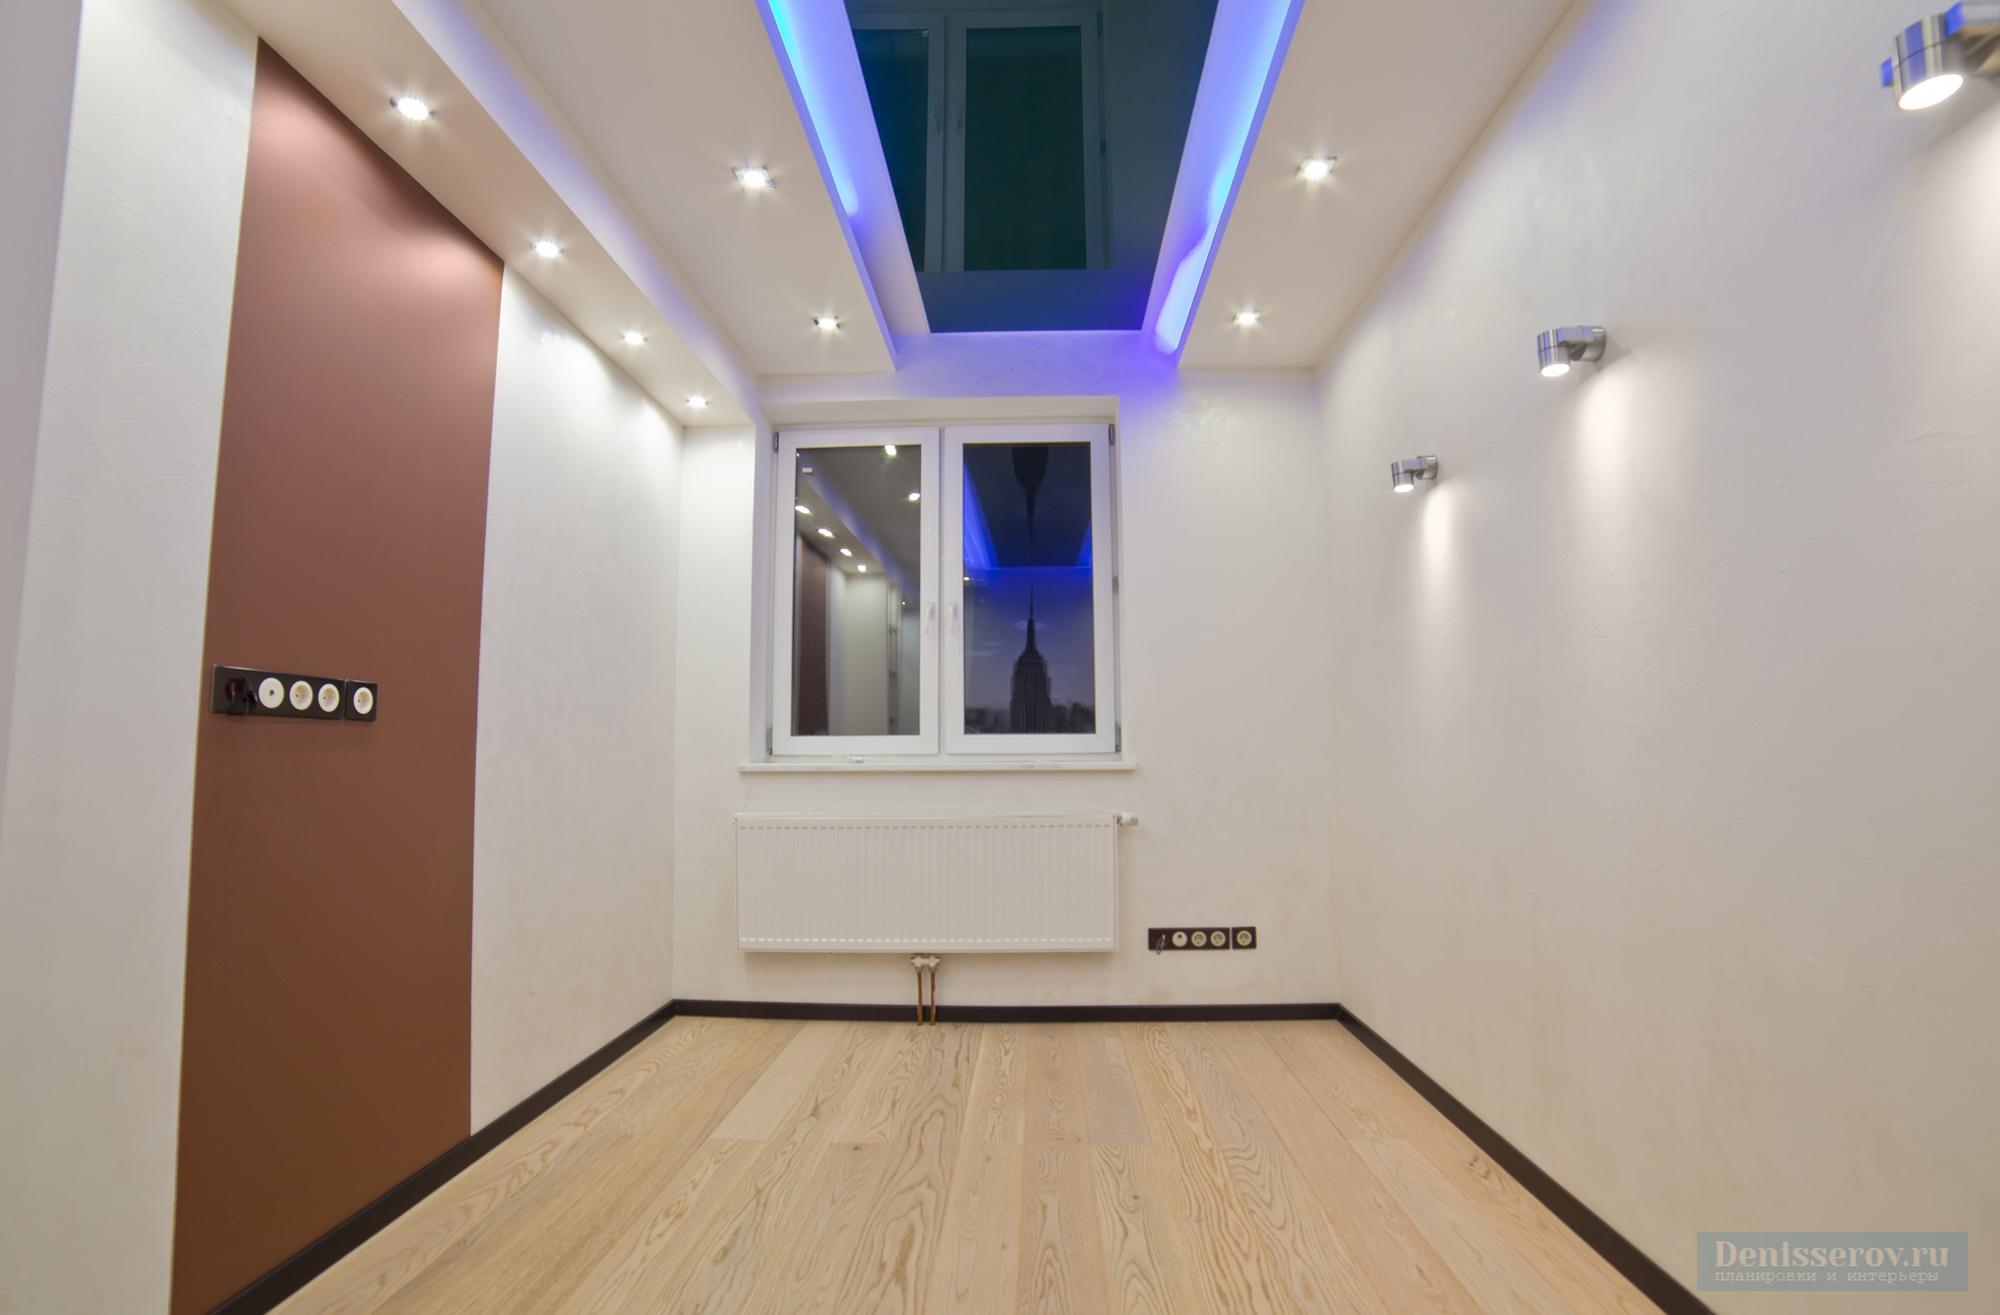 кабинет 10 кв.м. в современном стиле